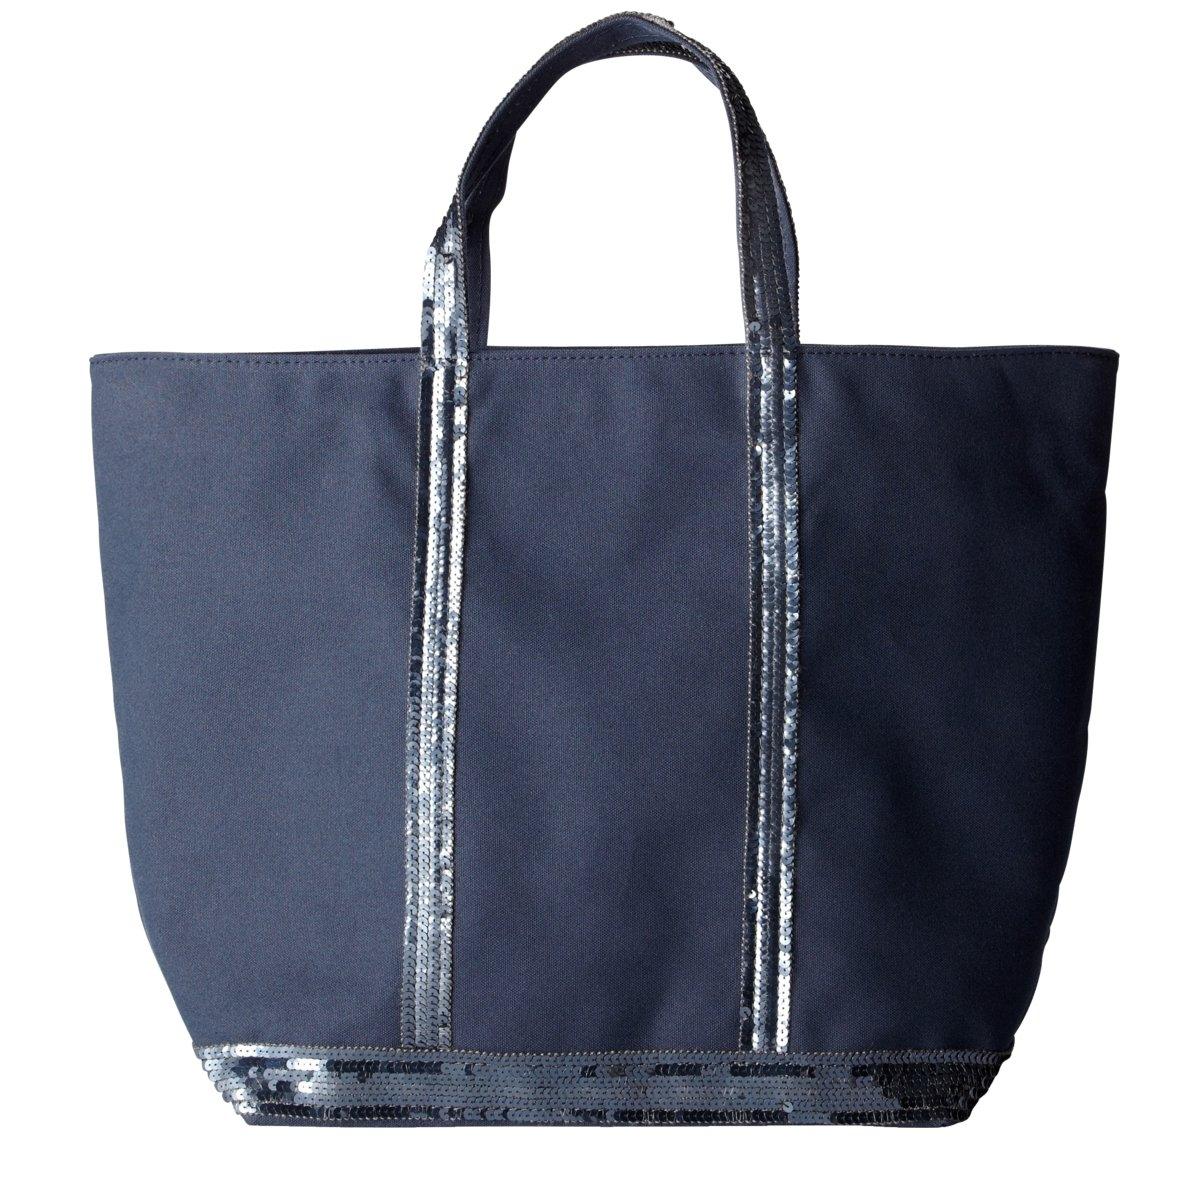 Сумка-шоппер La Redoute Средняя из парусины с блестками единый размер синий сумка la redoute из ткани с блестками h единый размер черный